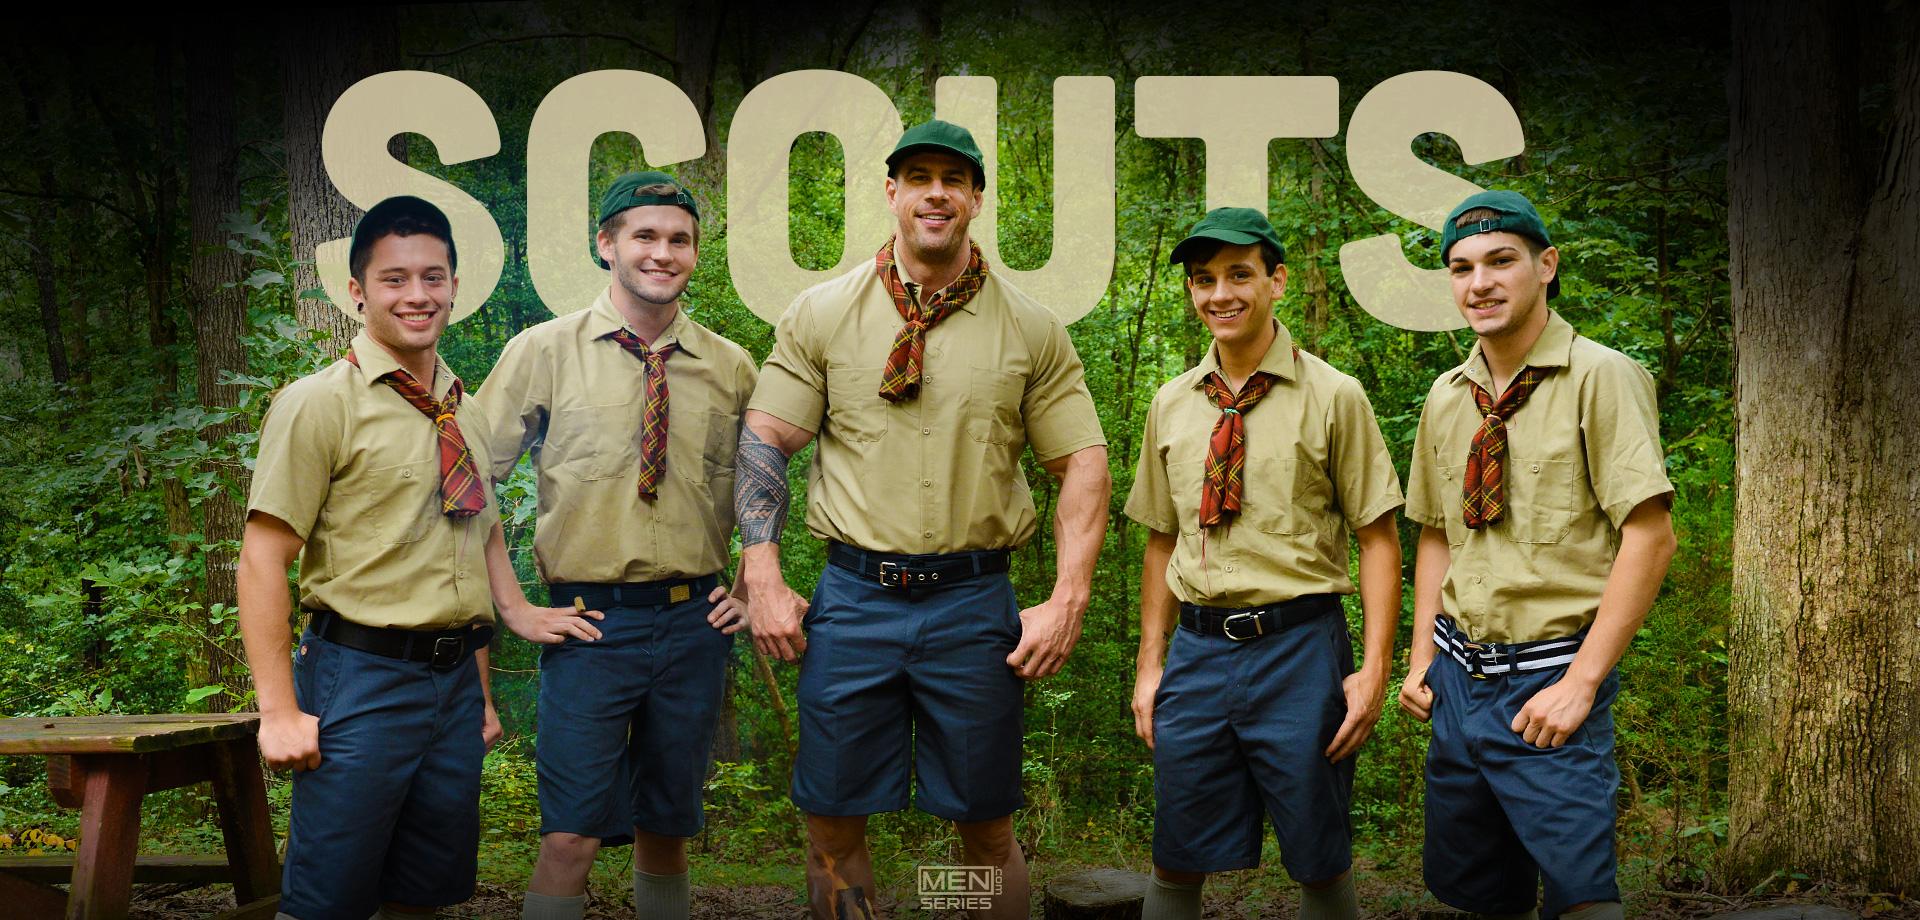 Scouts_landscape